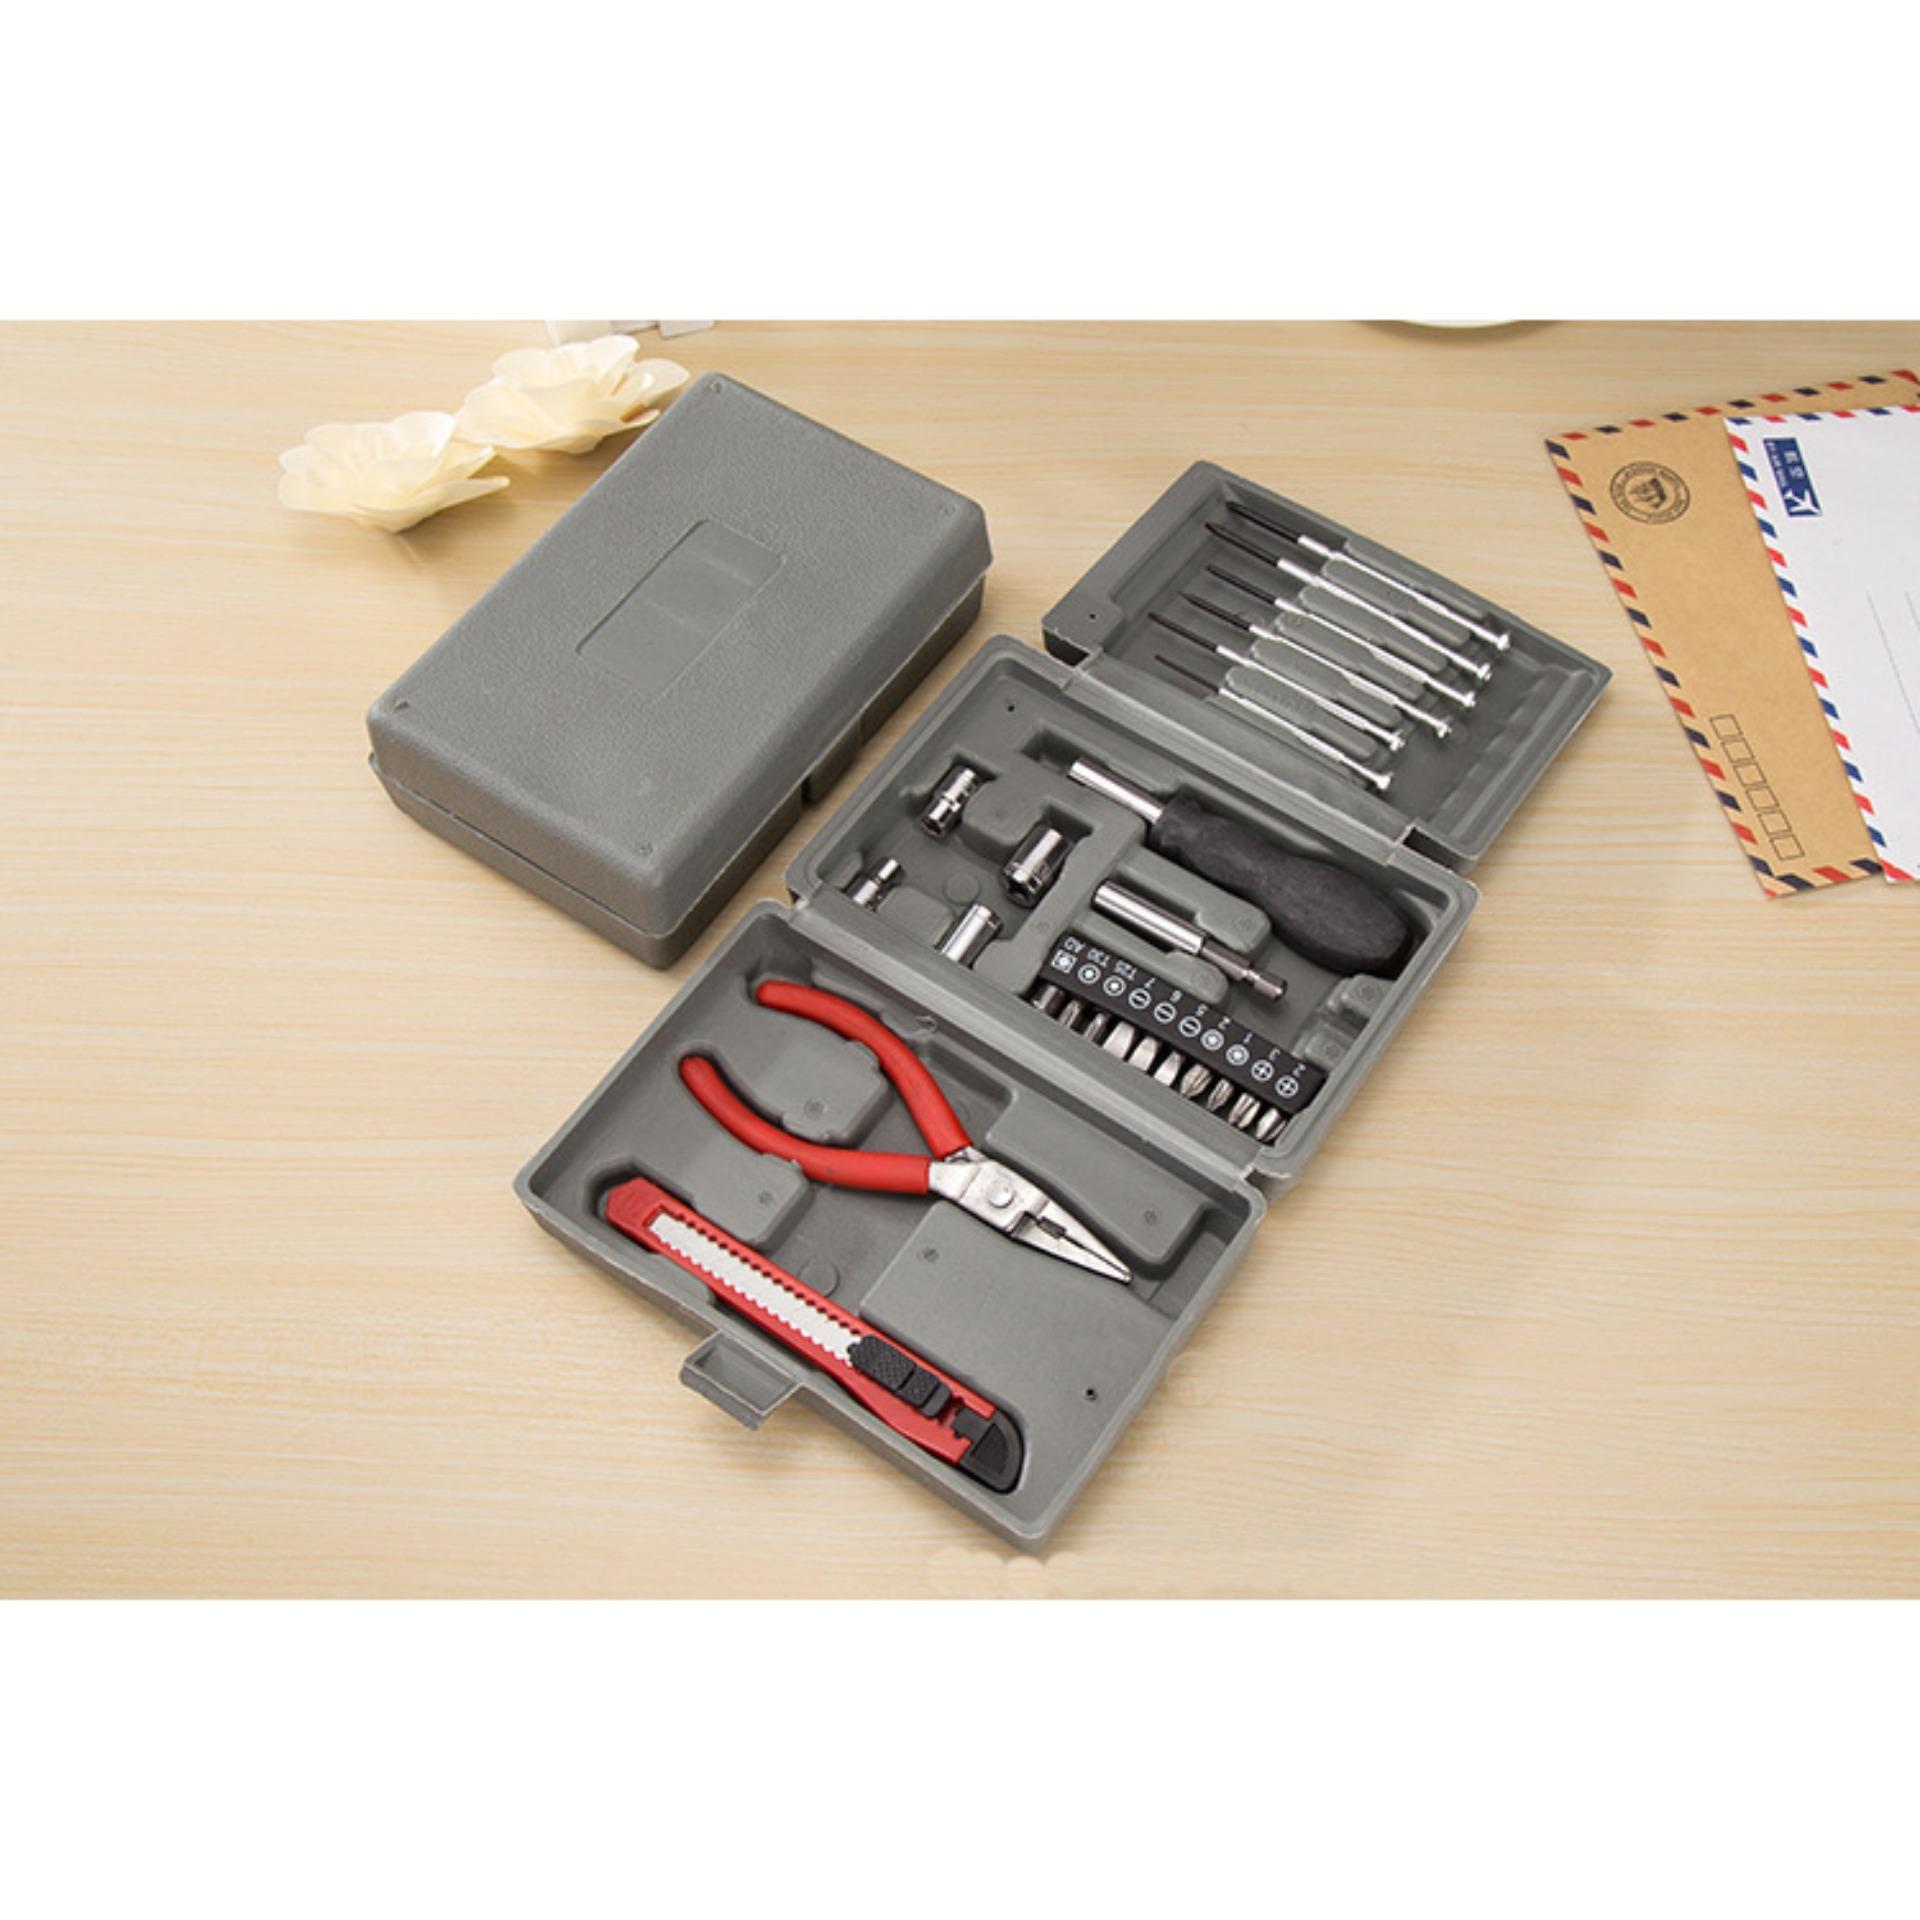 Bộ dụng cụ đồ nghề sửa chữa 24 món Nhật Bản